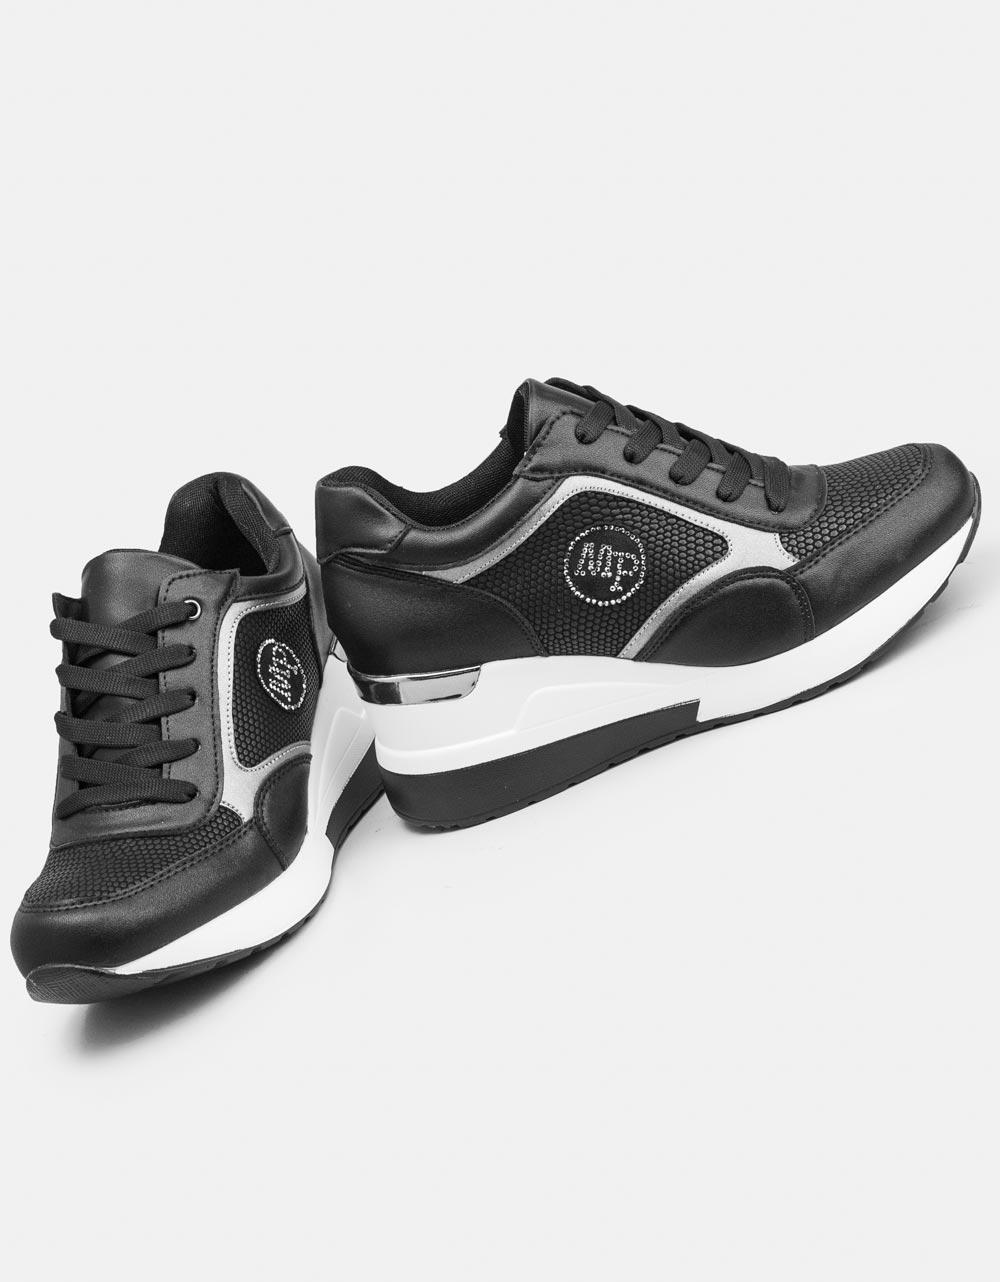 Εικόνα από Γυναικεία sneakers με τακούνι και μεταλλική λεπτομέρεια Μαύρο